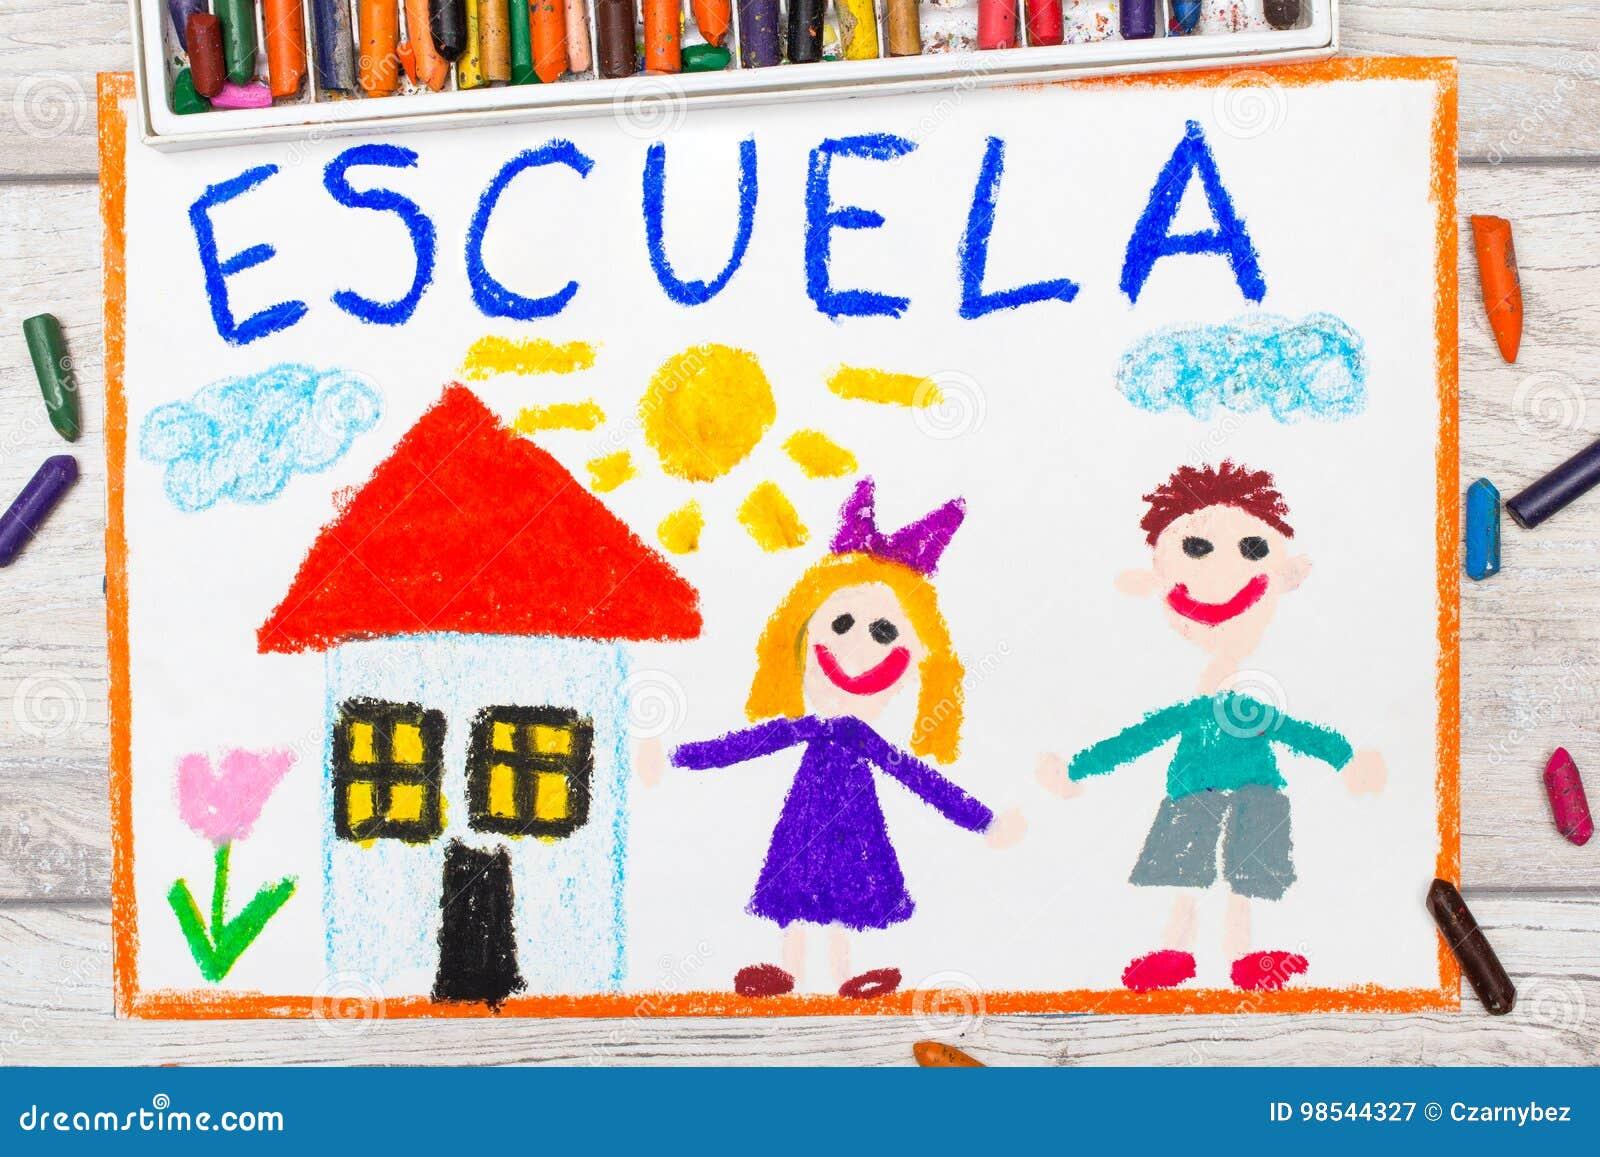 Foto do desenho colorido: Palavra espanhola ESCOLA